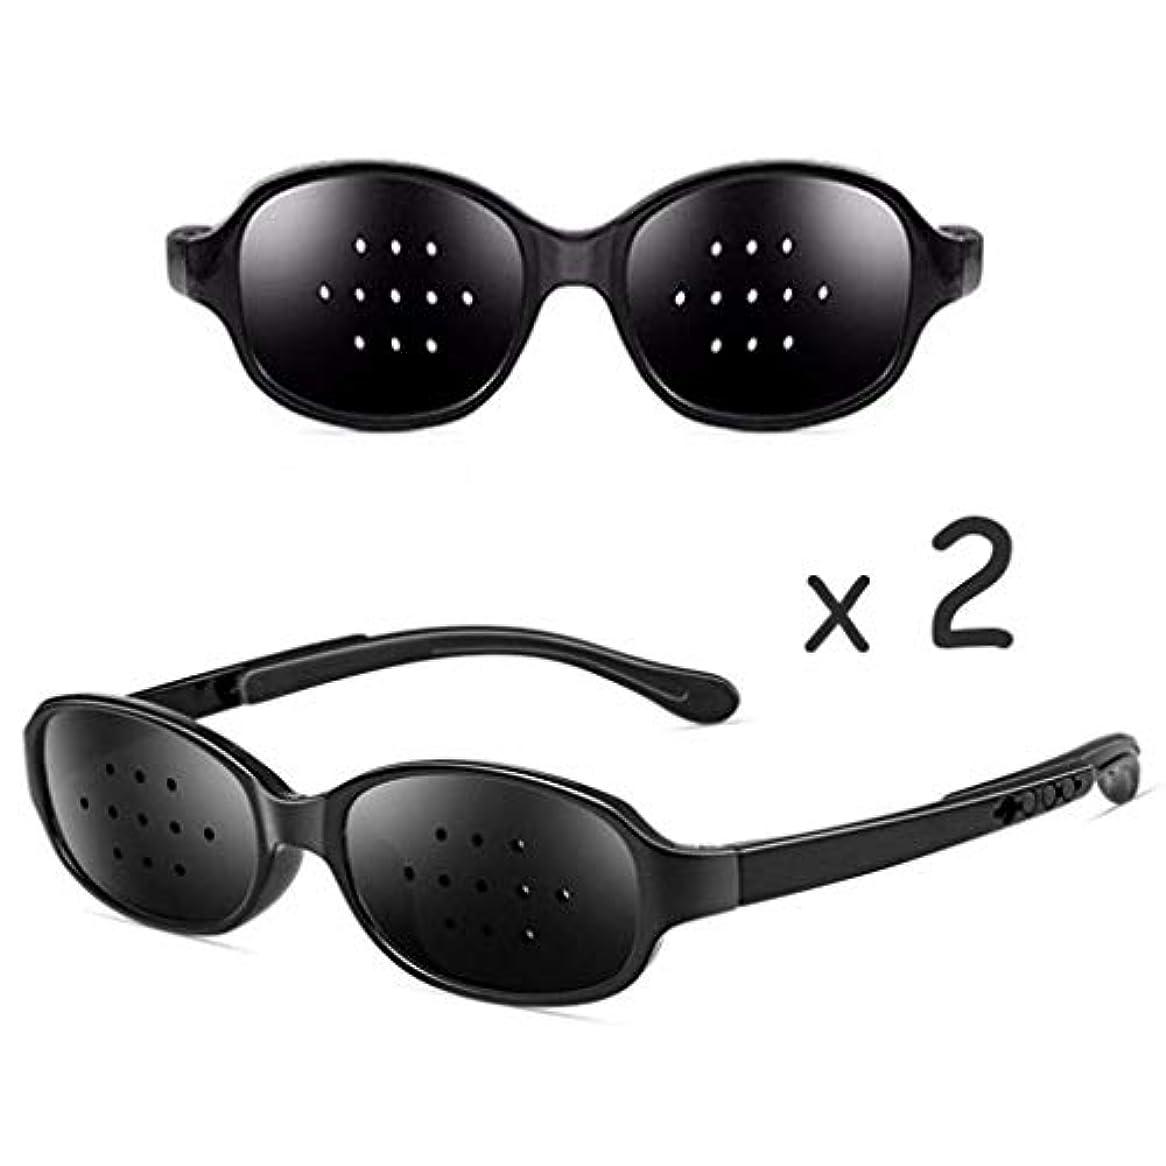 崖葉っぱプレビューピンホールメガネ、視力矯正メガネ網状視力保護メガネ耐疲労性メガネ近視の防止メガネの改善 (Color : ピンク)